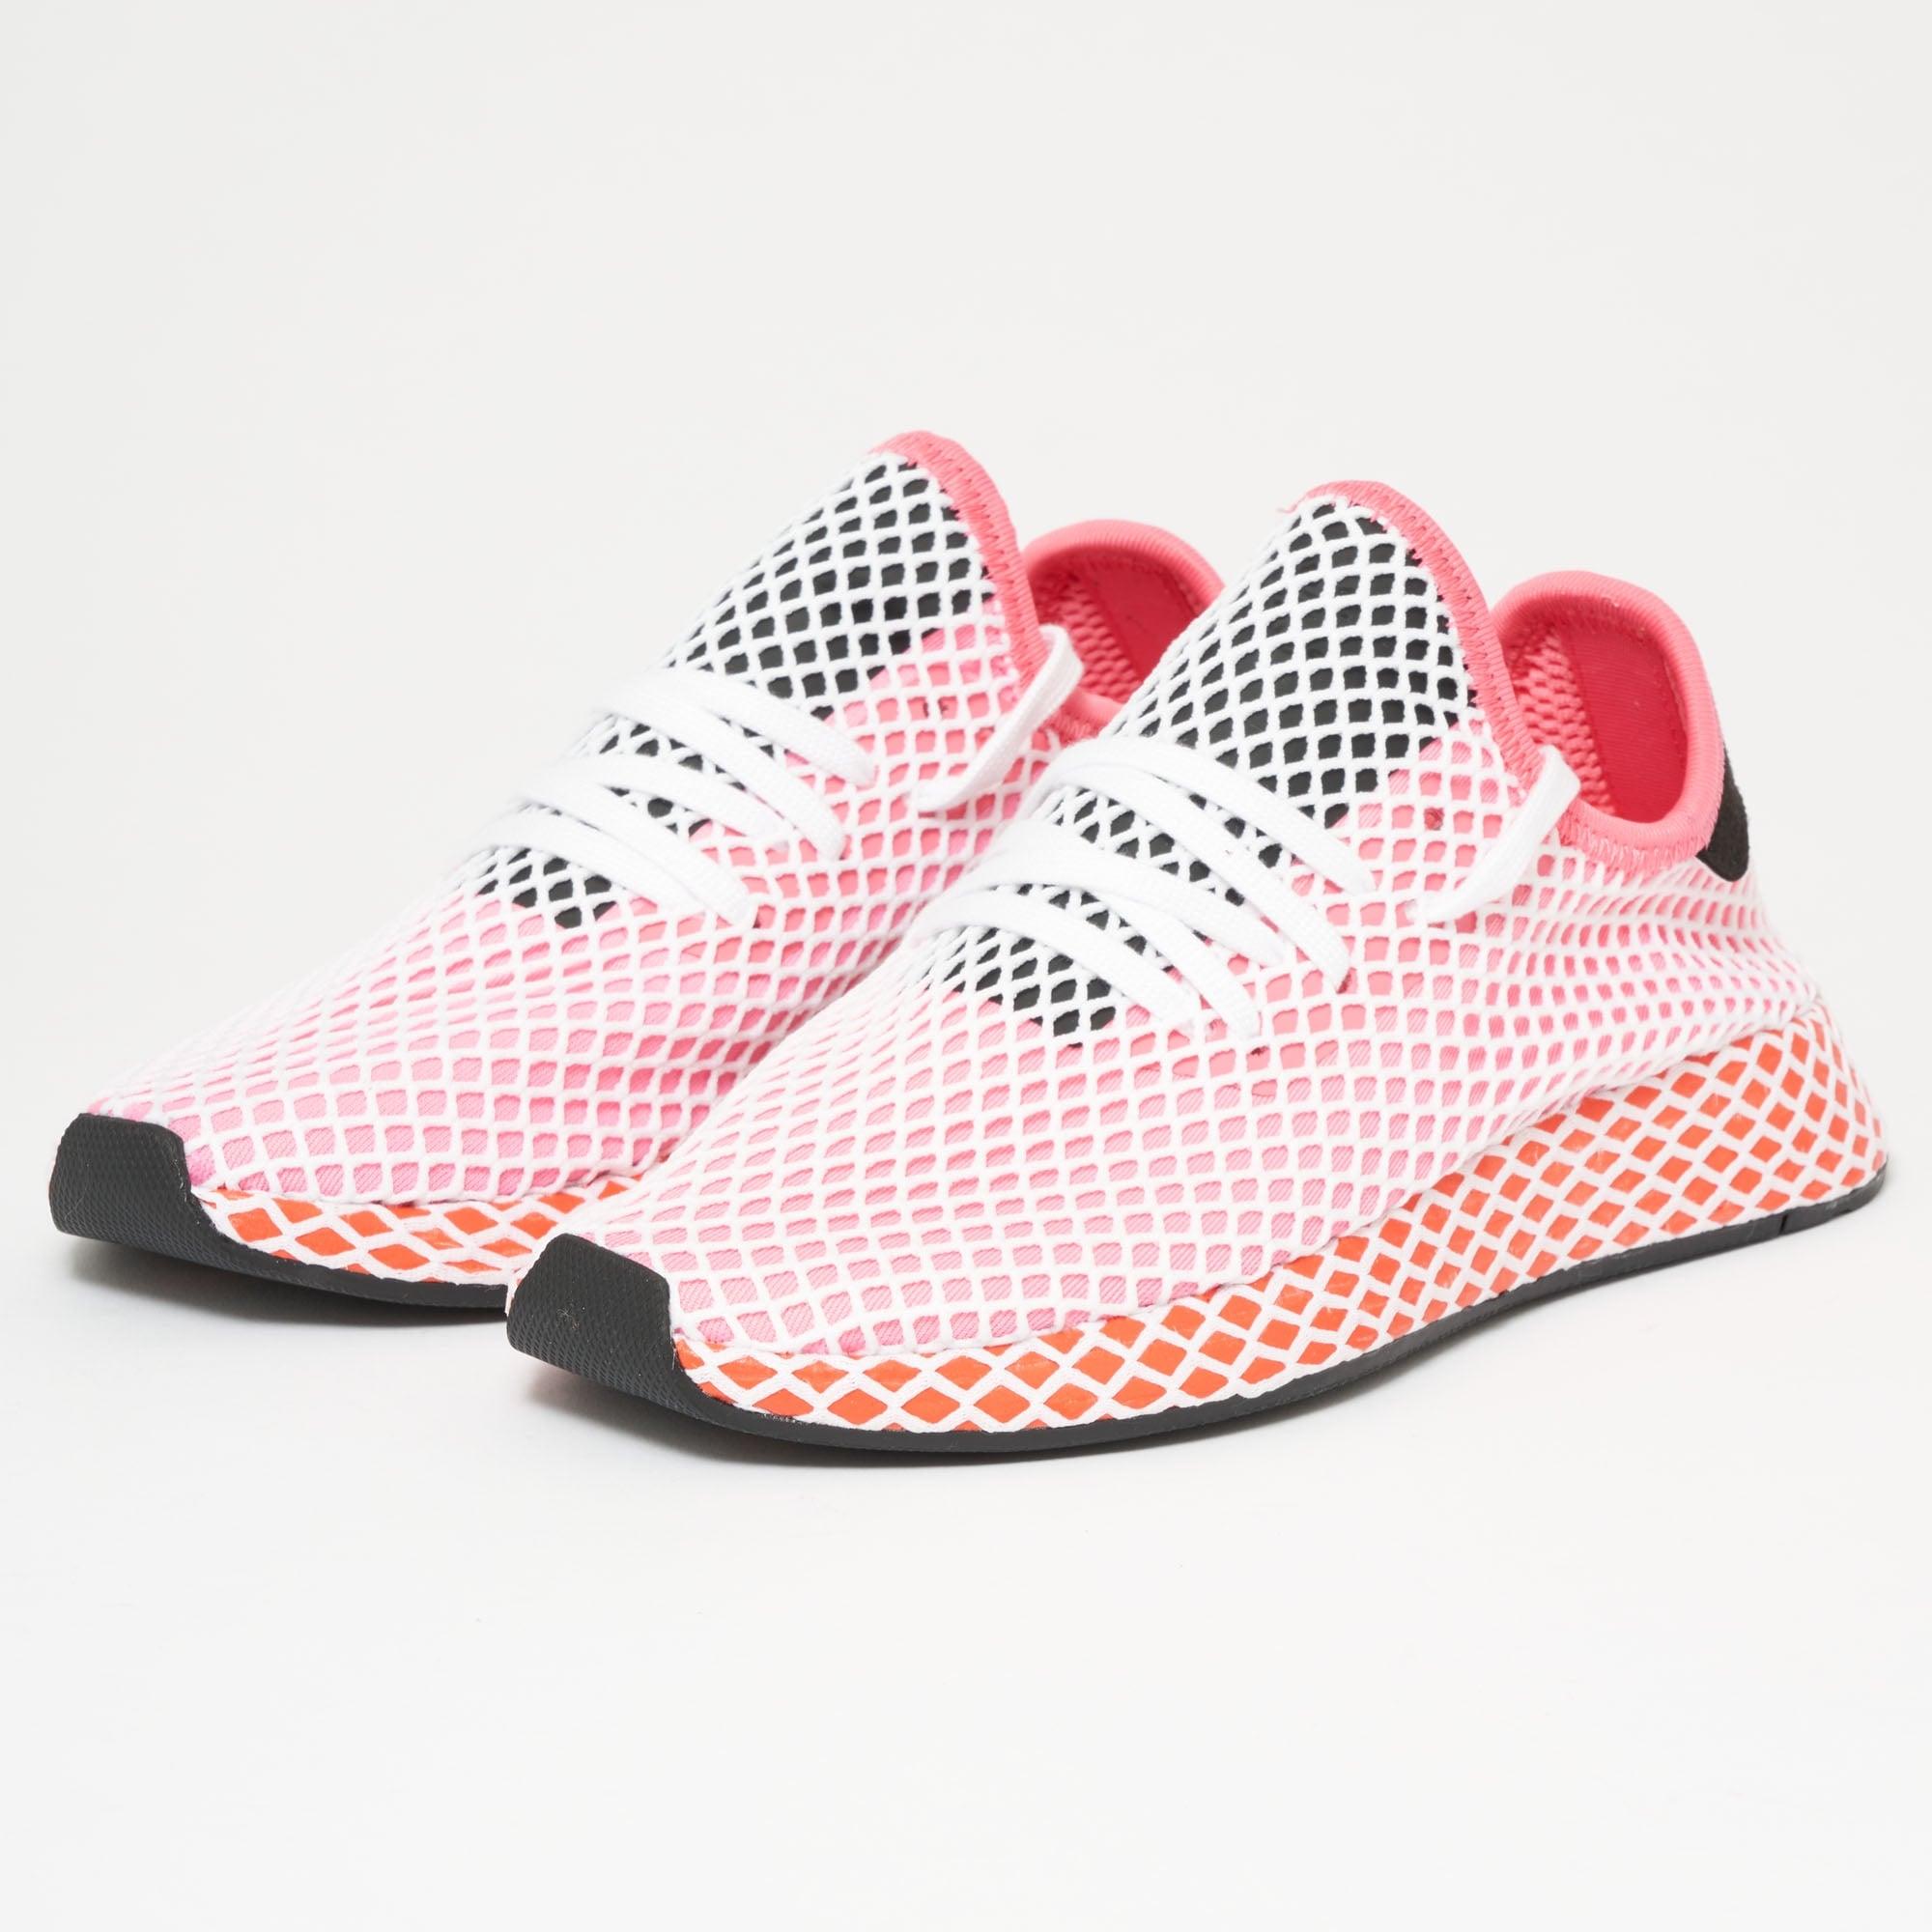 b2f875c812b10 Adidas Originals Womens Deerupt Runner (Pink   Orange) at Dandy Fellow